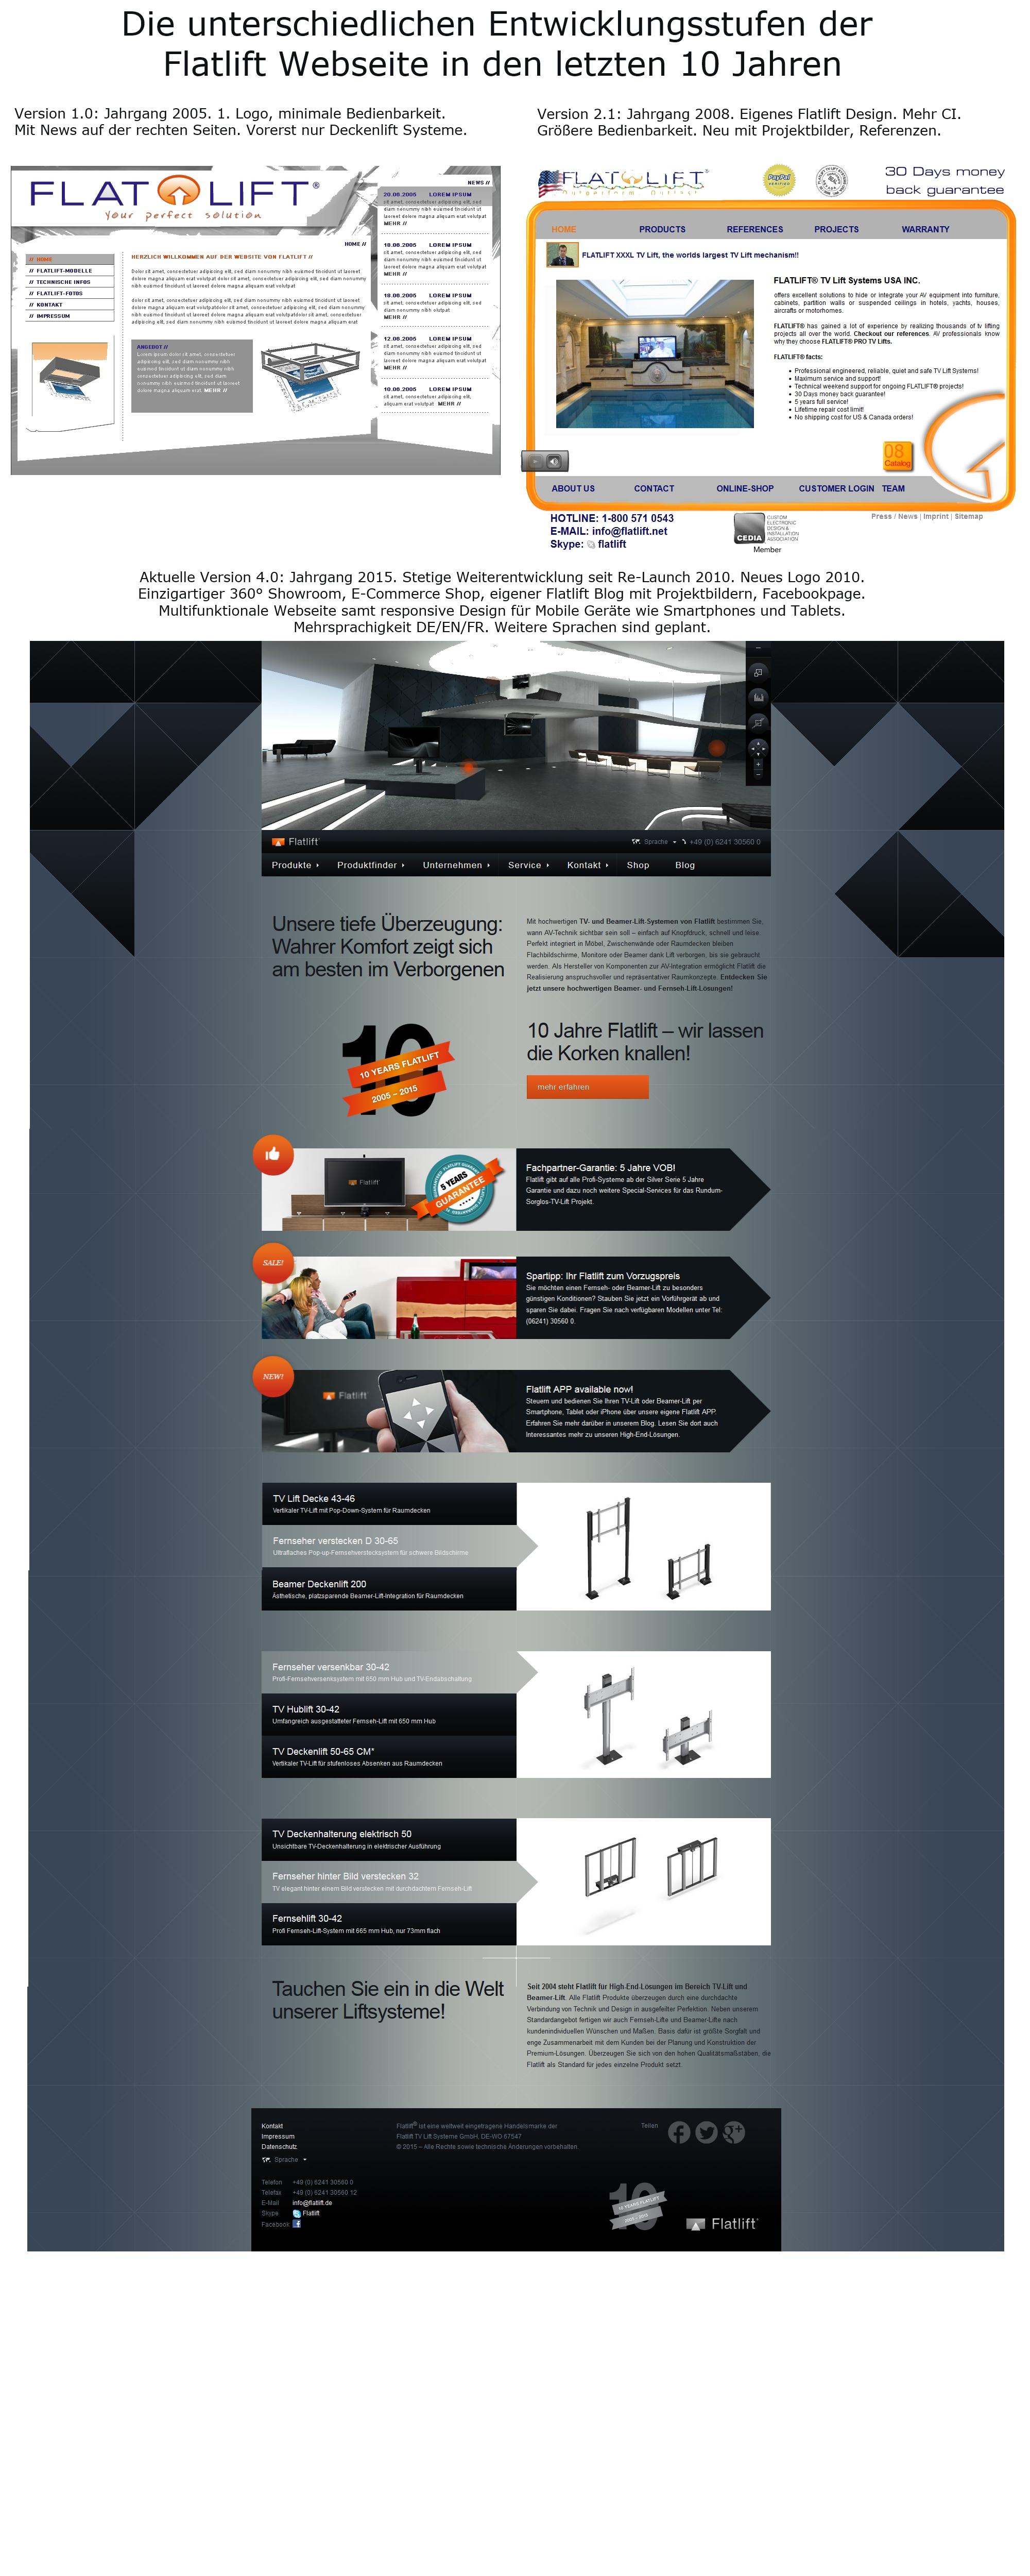 Flatlift Webseiten Entwicklung 2005 bis 2015